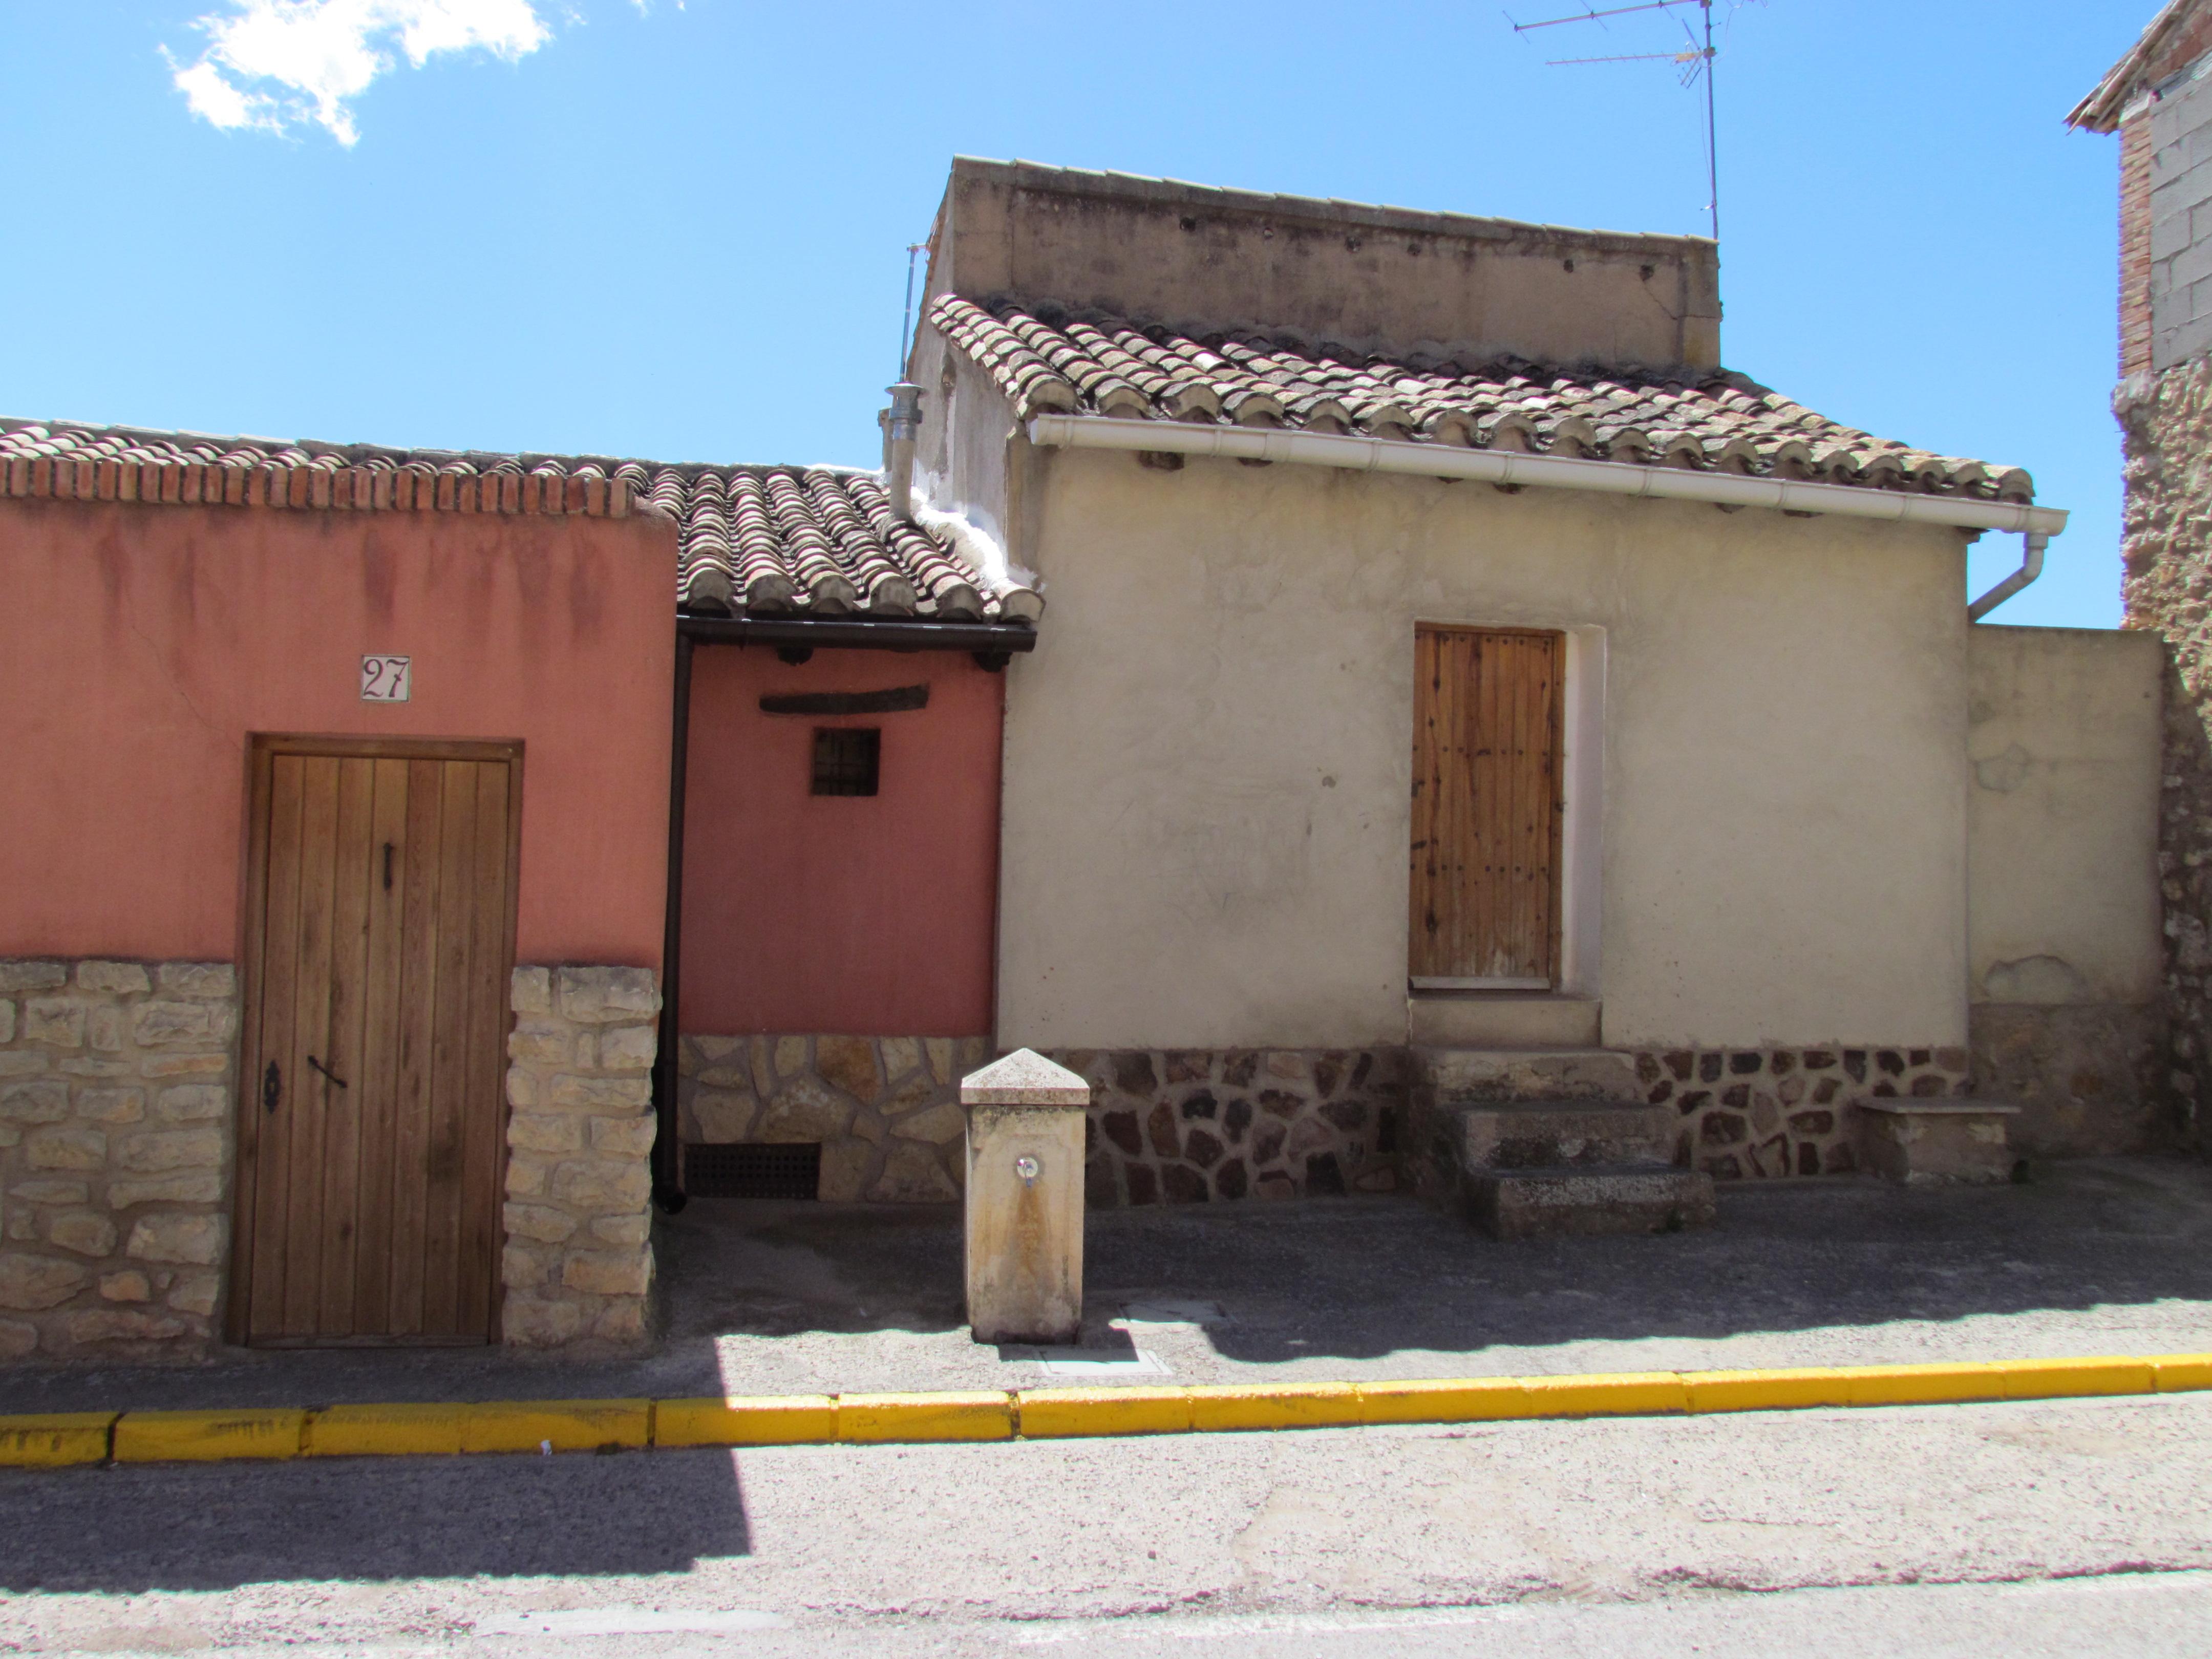 GEA_03_M. A. Martín_CARRETERA 2